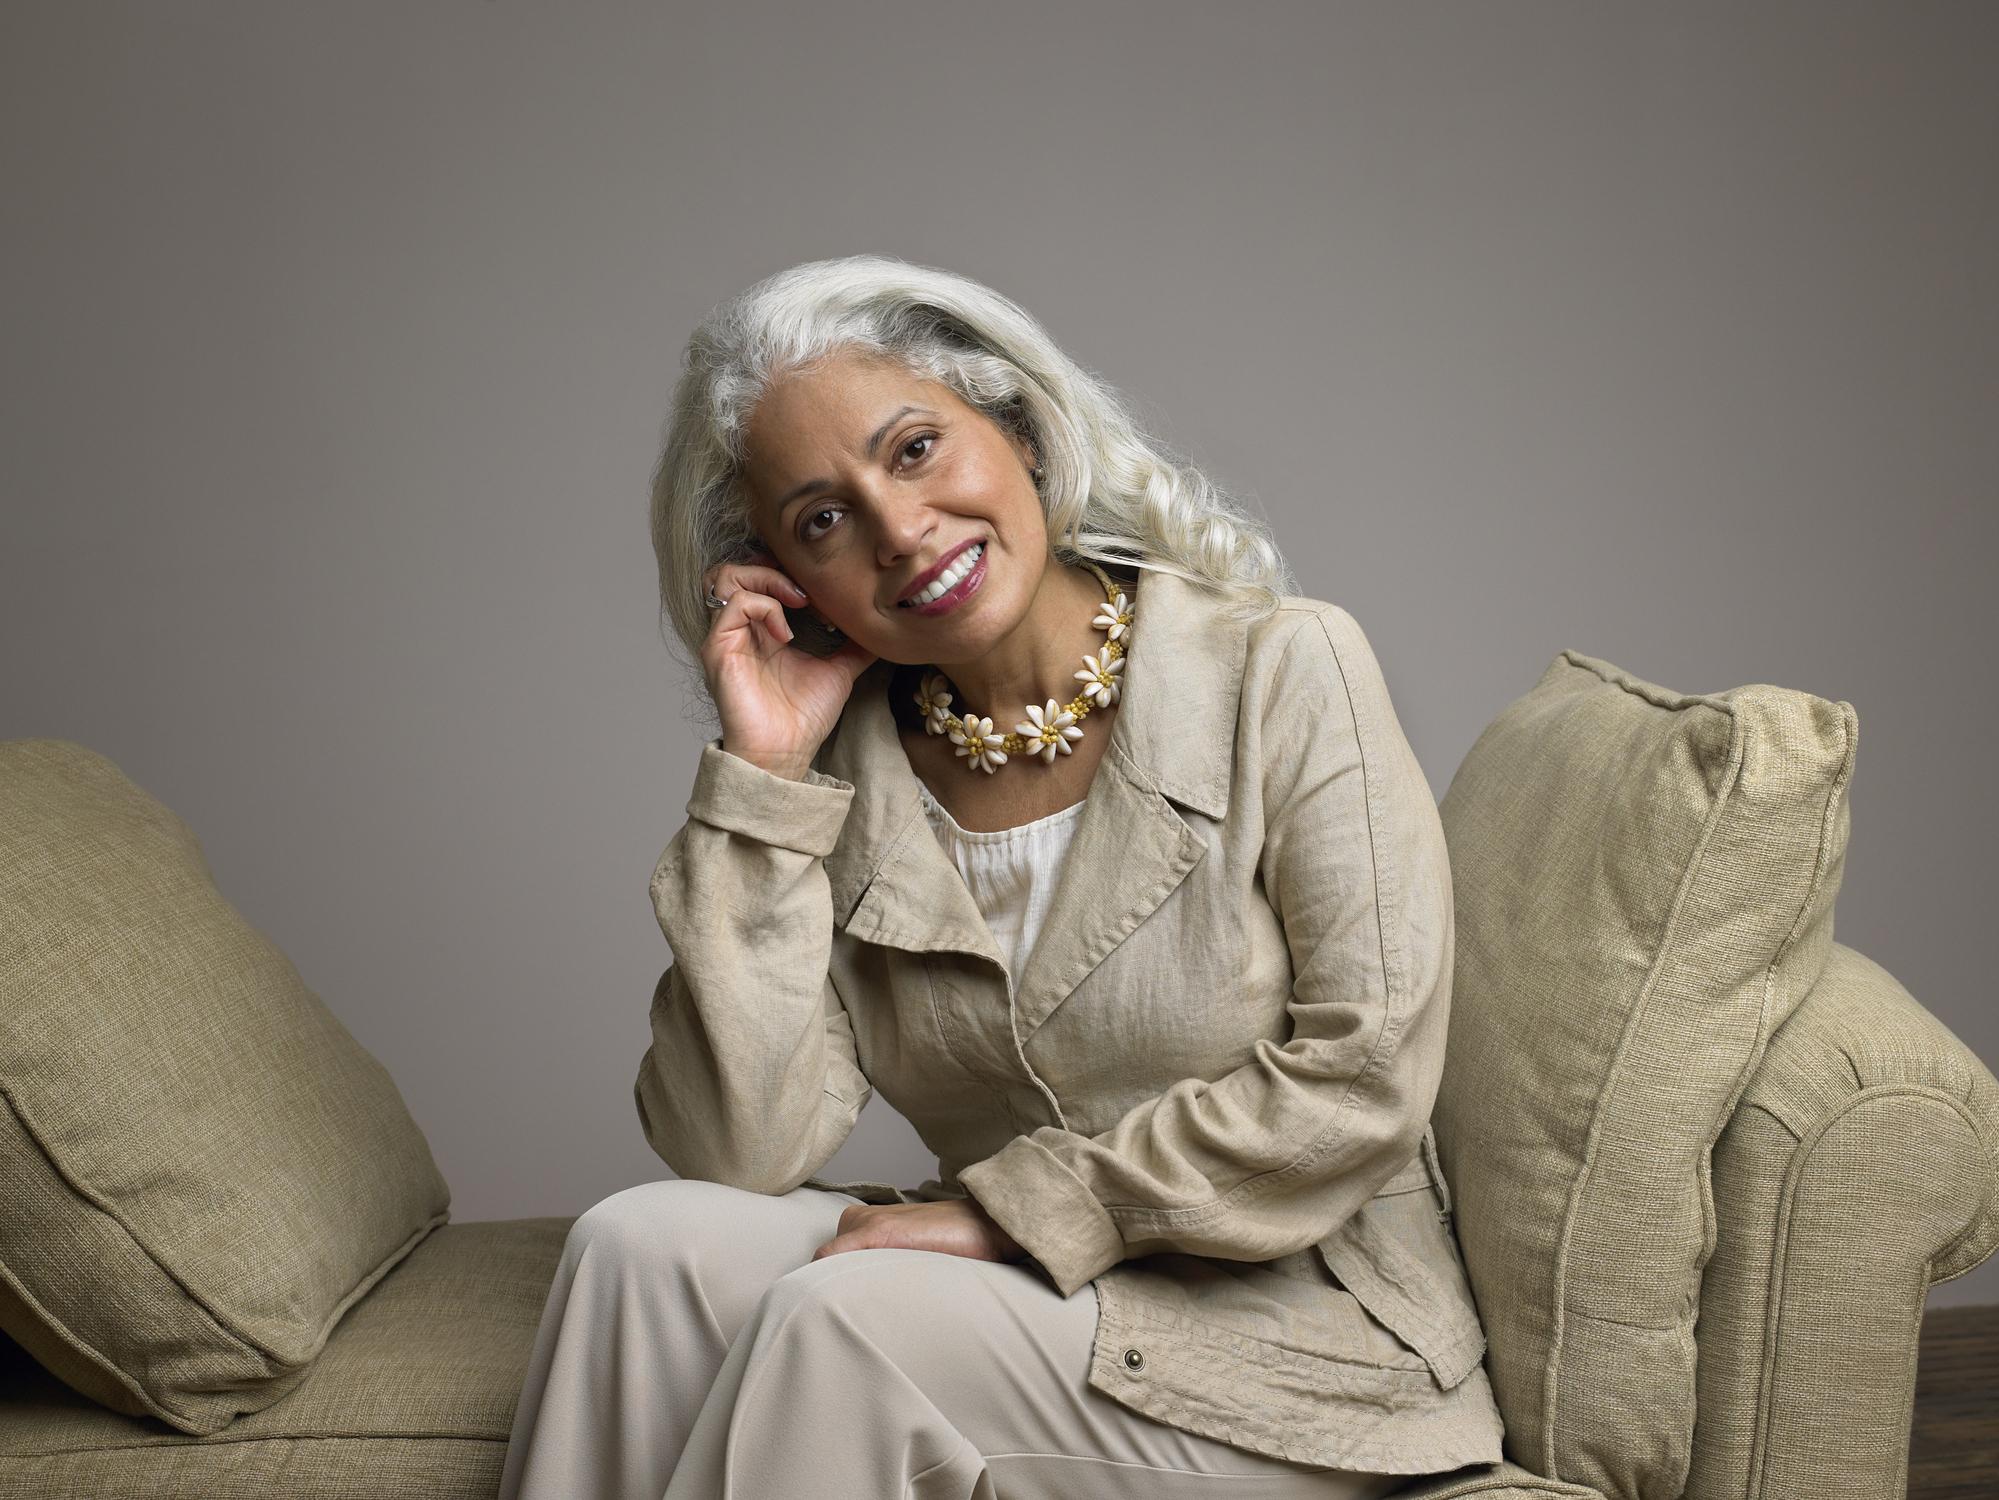 Mujer-mayor-cabello-cano.jpg